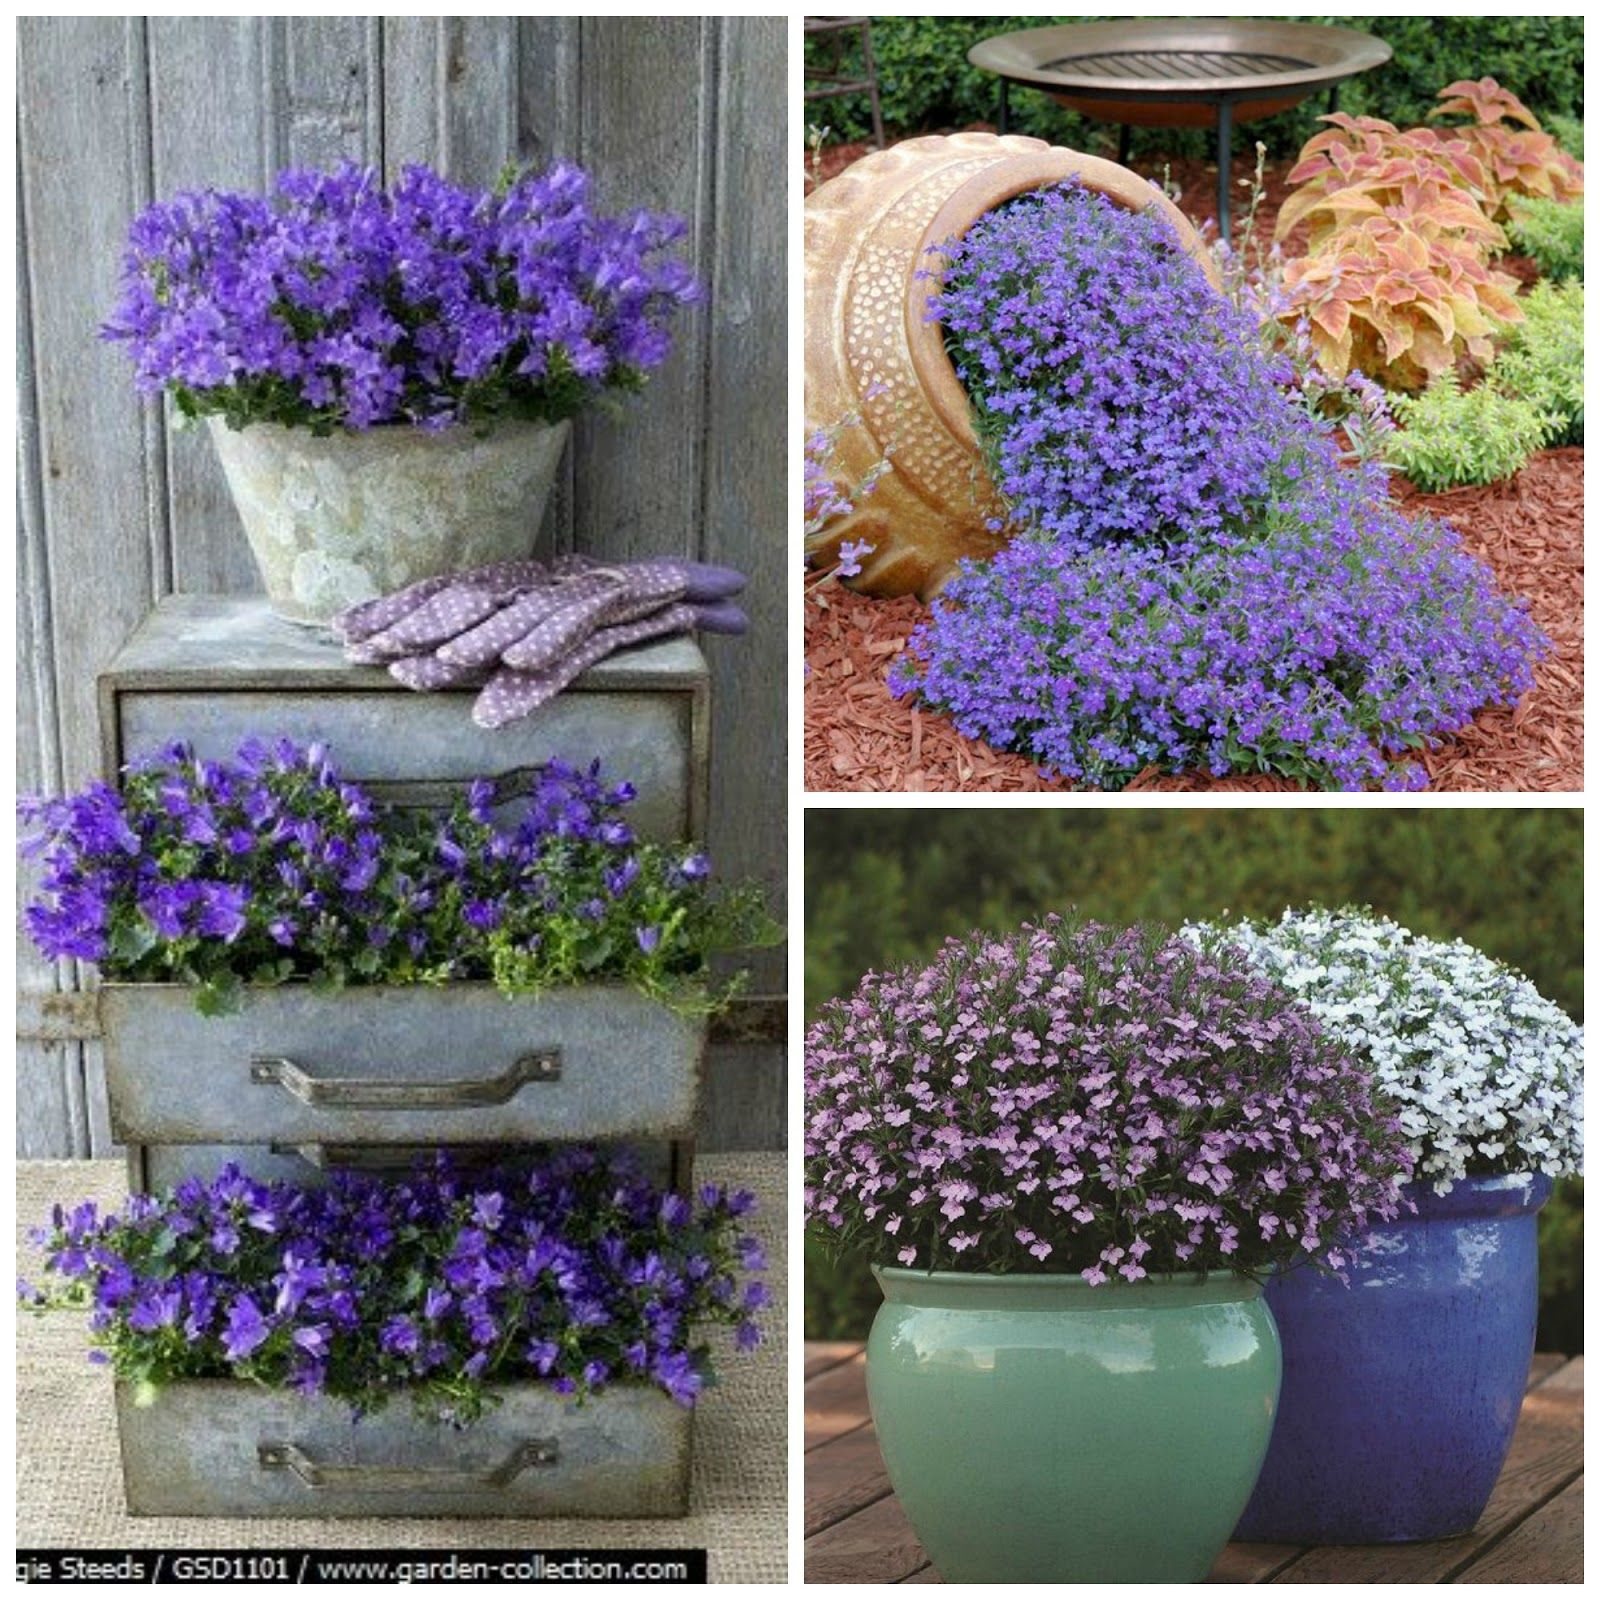 Jakie Kwiaty Posadzic W Maju By Kwitly Do Poznej Jesieni Czyli Kwiaty Na Balkon I Taras Najdluzej Kwitnace D Plants